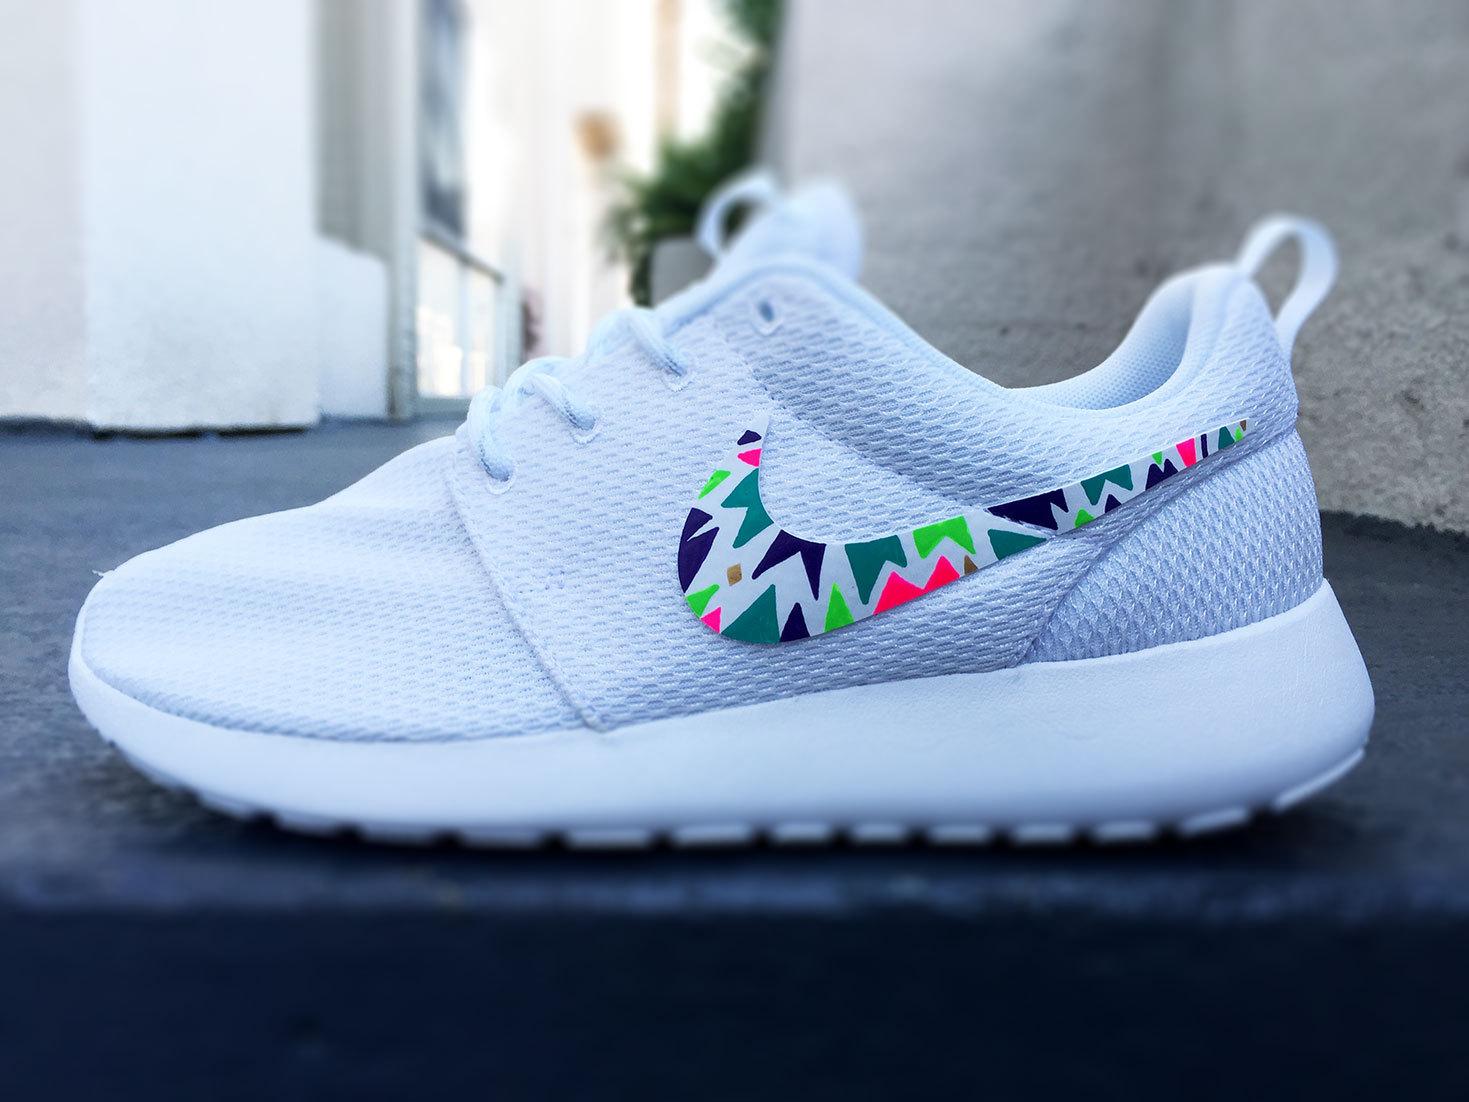 best website 7cb01 3c2d2 Custom Nike Roshe Run sneakers for women, Lime, purple, green ...